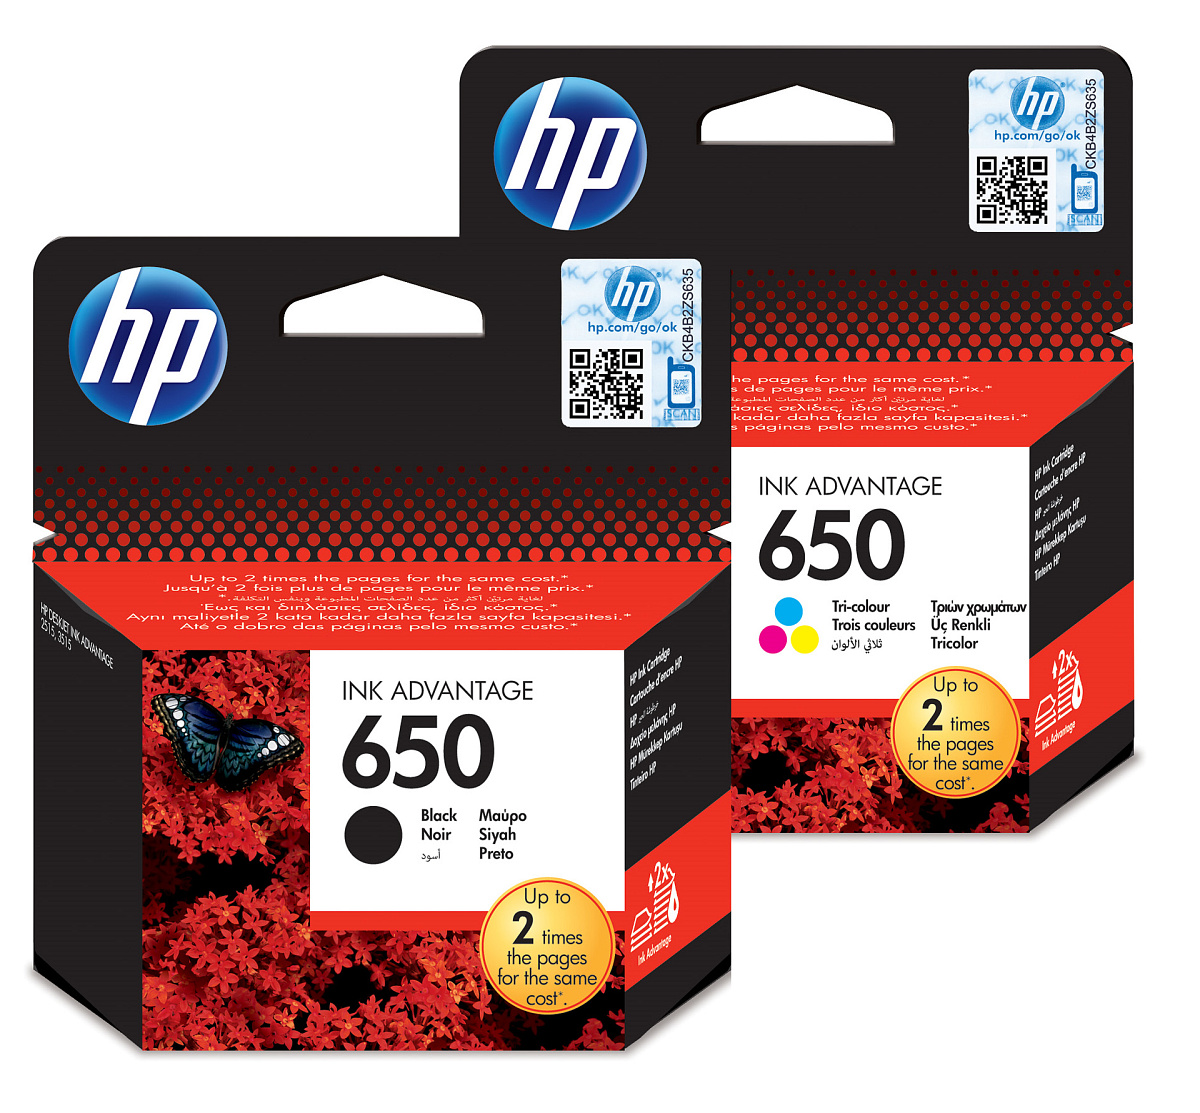 Sada inkoustových kazet HP 650 pro snadné objednání (HP-650)